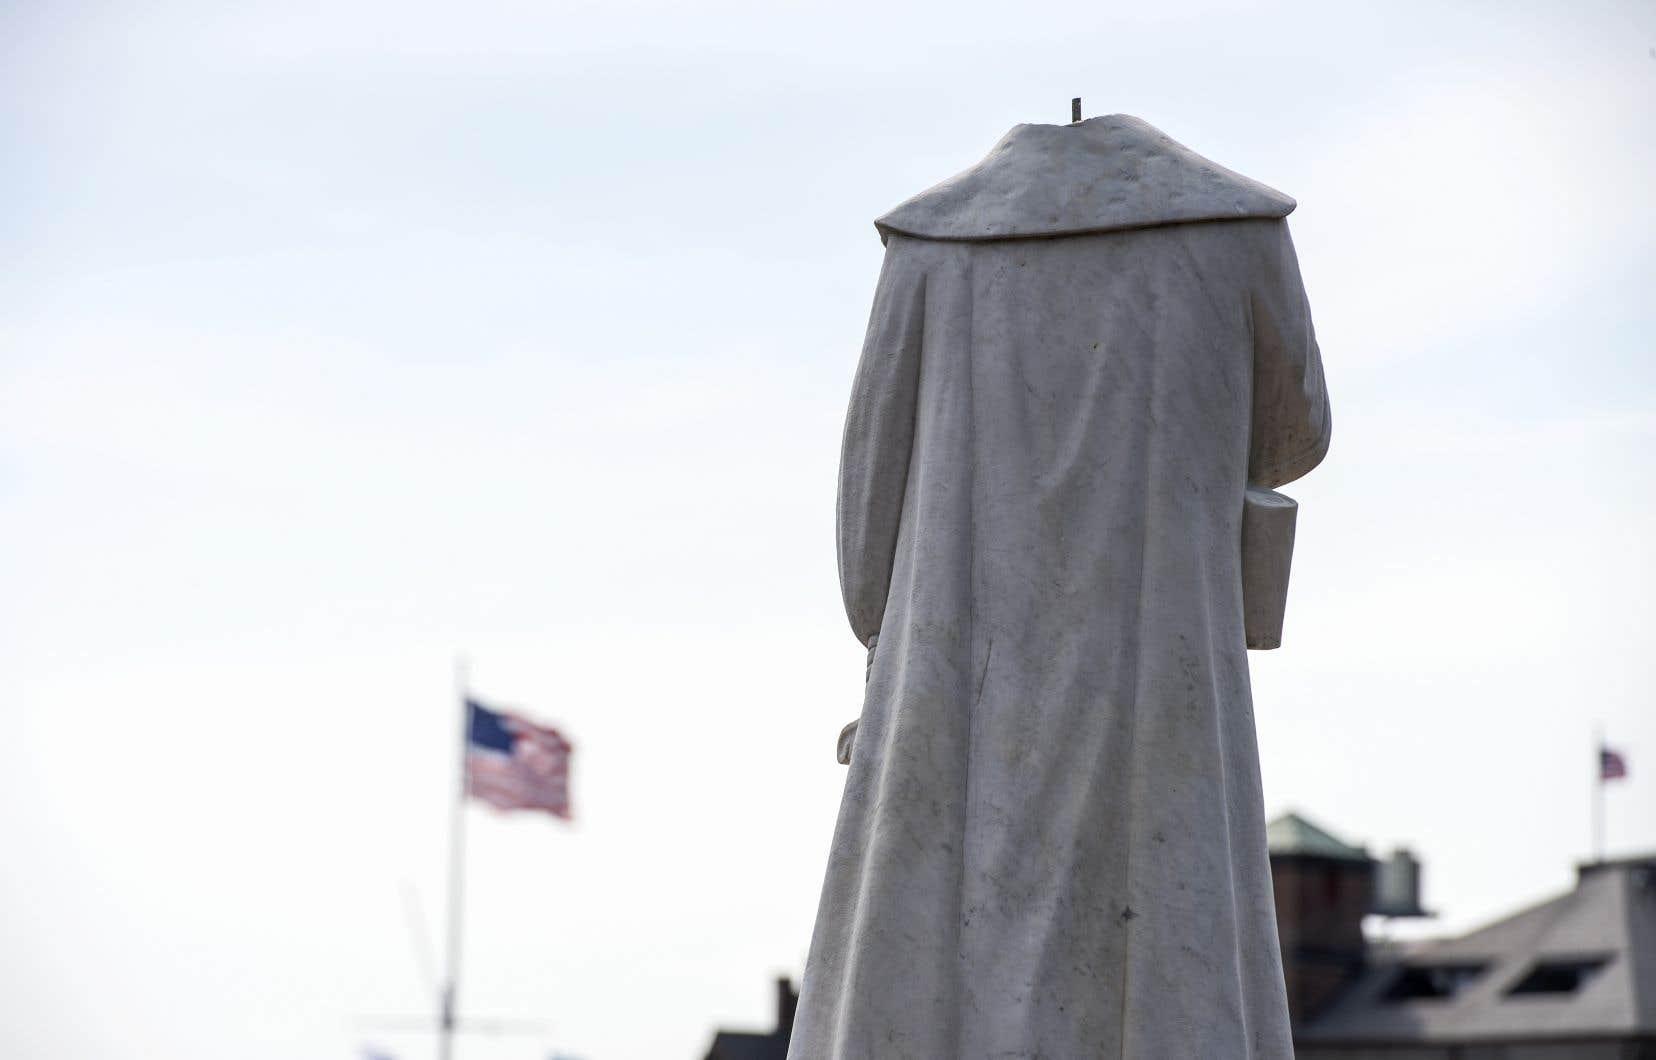 Une statue de Christophe Colomb a été décapitée à Boston.